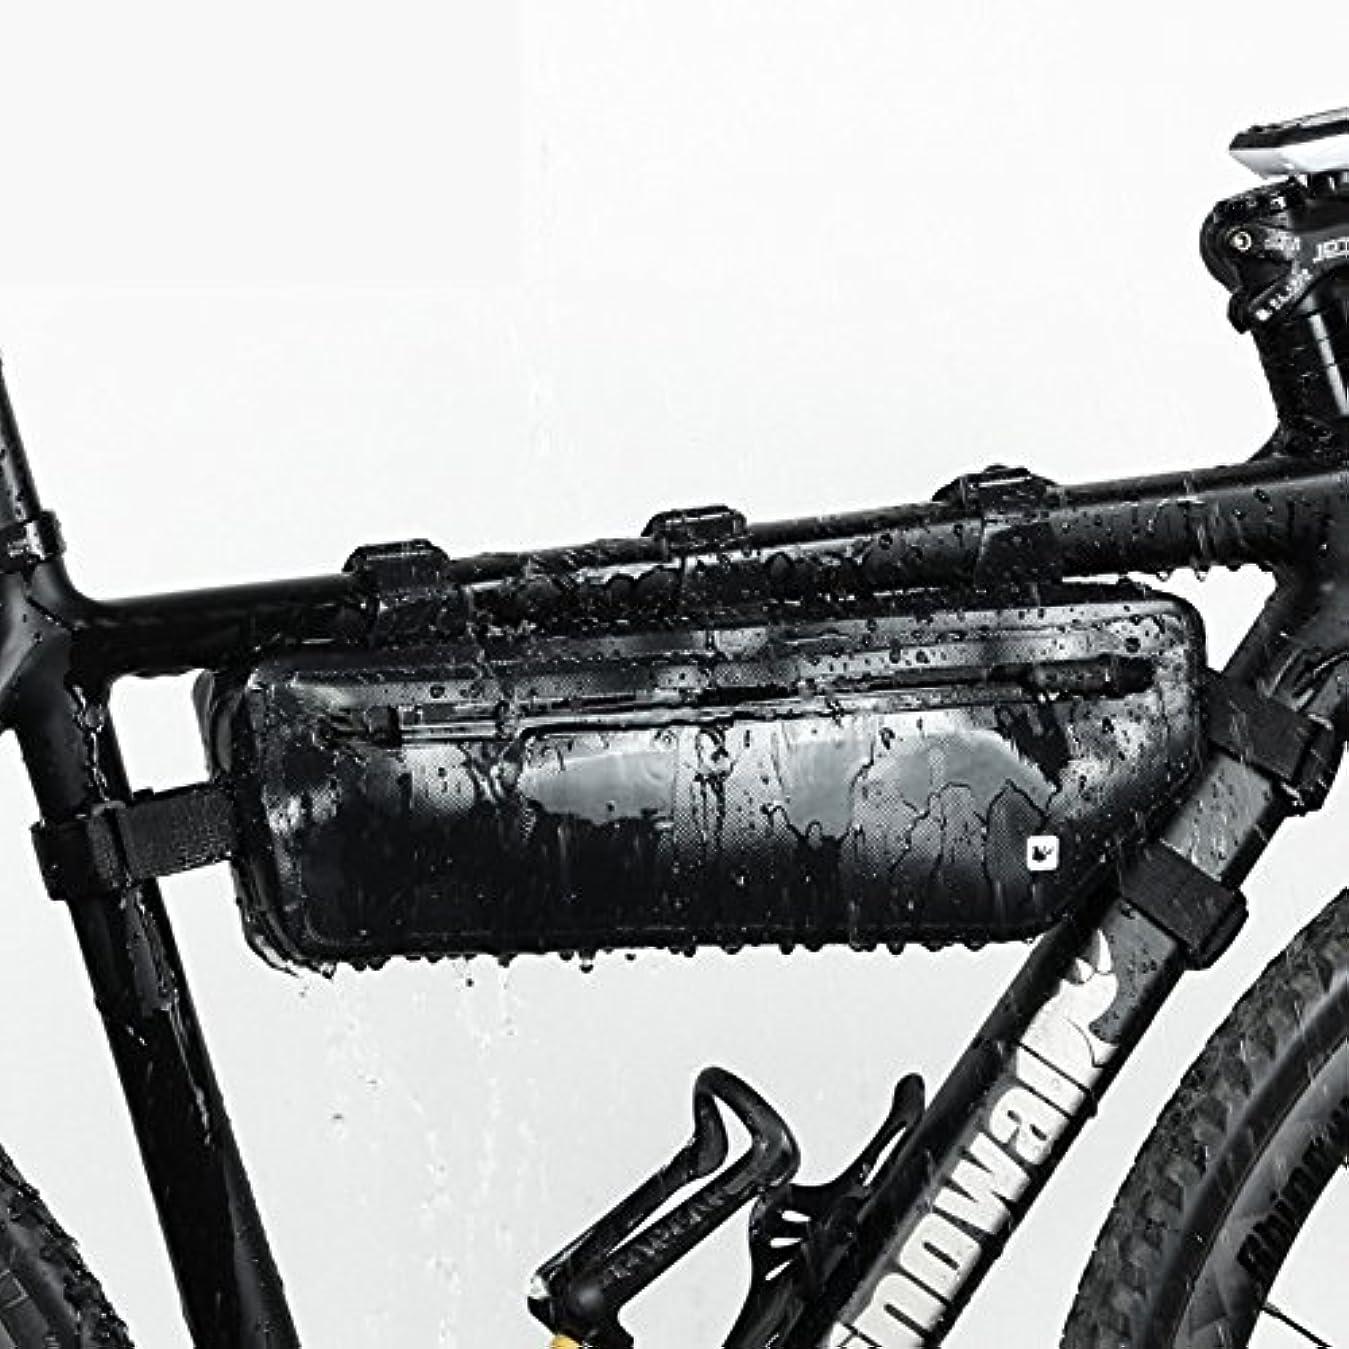 承認するブッシュ制限された自転車シートパックバッグバイクフレームバッグ防水バイクトライアングルバッグハンドルバーバッグ自転車ポーチアンダーチューブトップチューブパックサイクリングバイクサドルバッグ自転車バッグ サイクリングバッグ防水